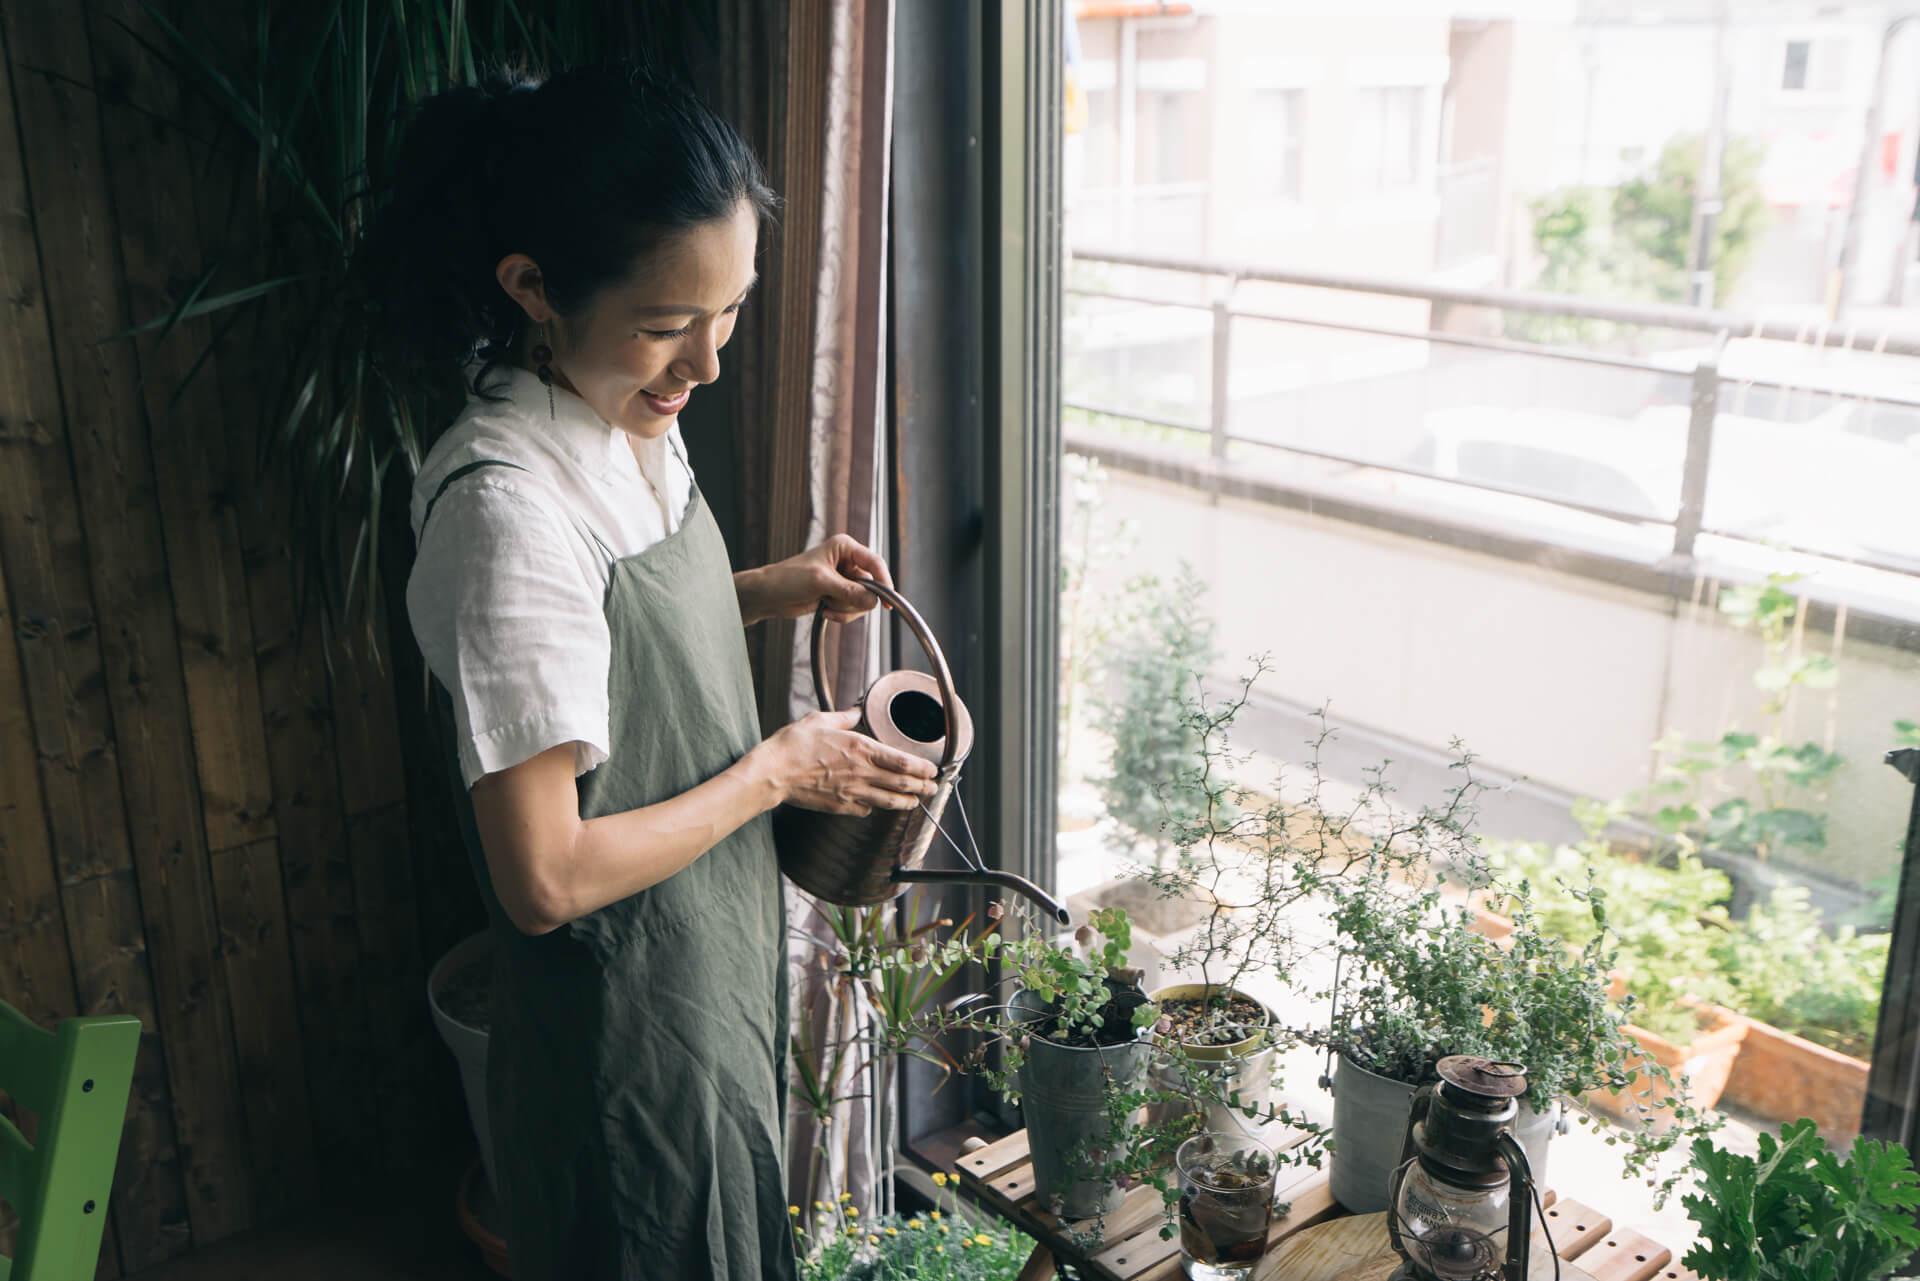 「植物は仕事仲間です」とmamiさん。